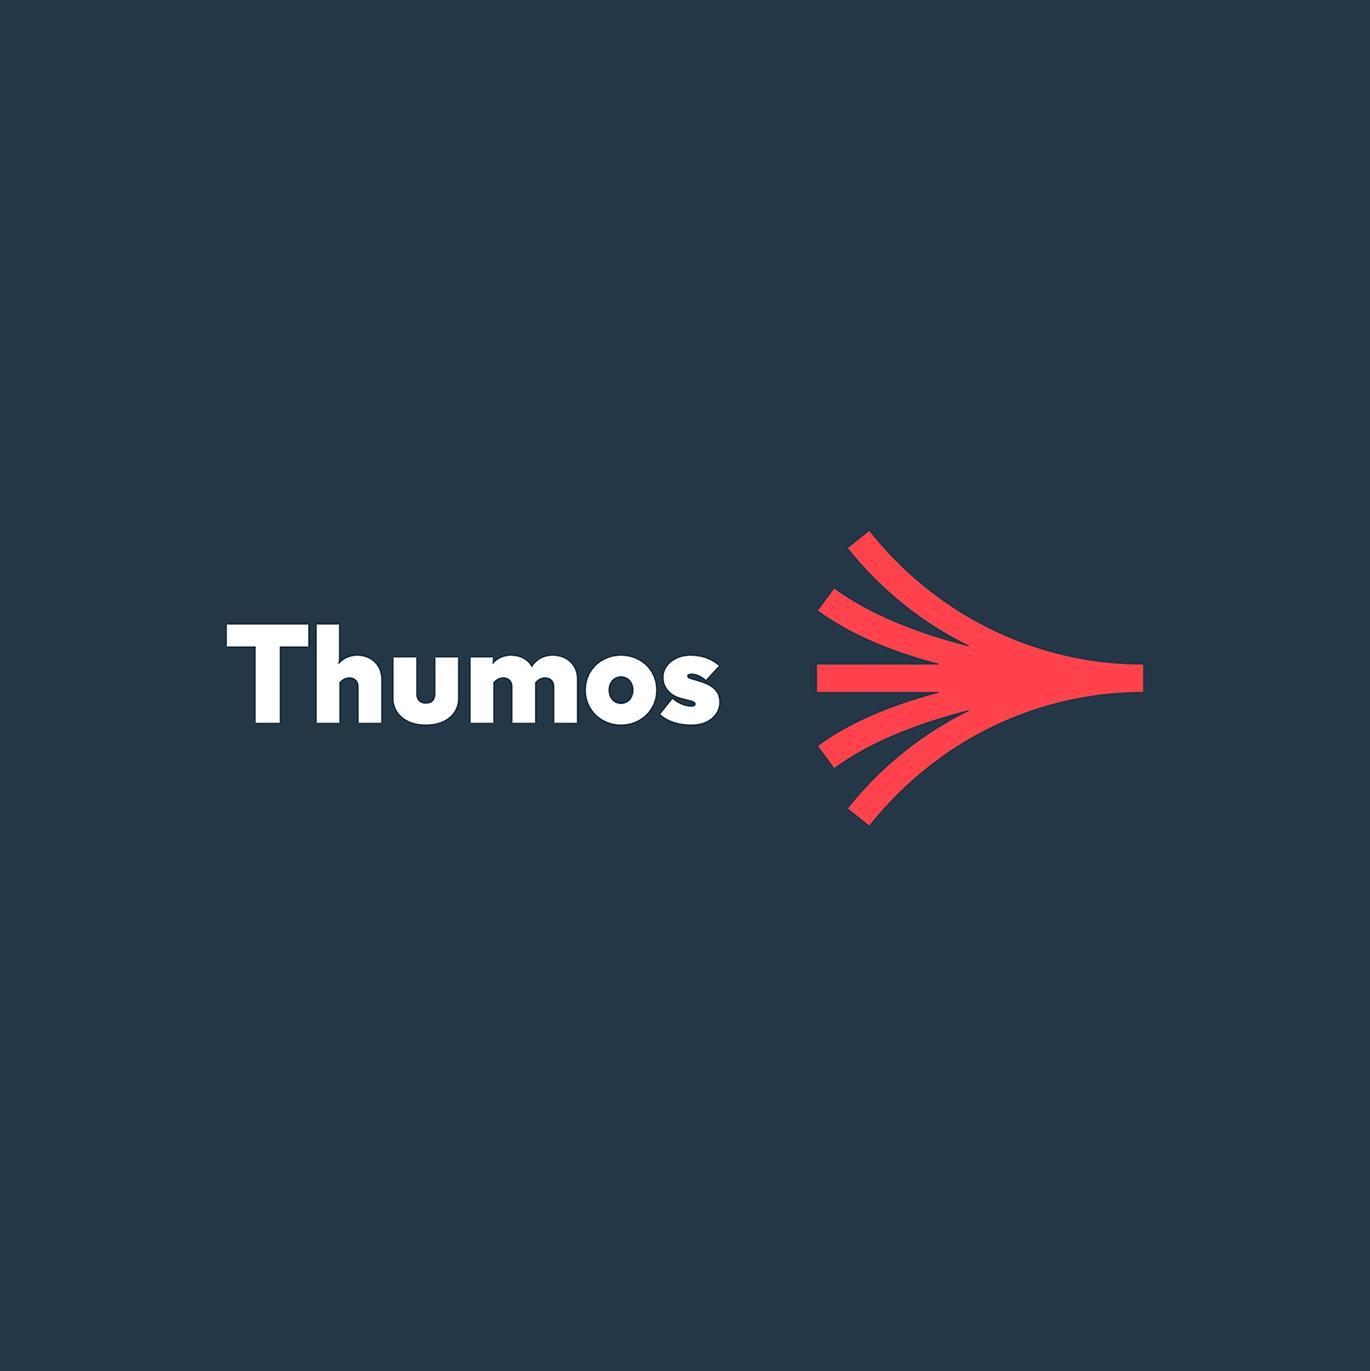 金融投资公司的品牌logo设计